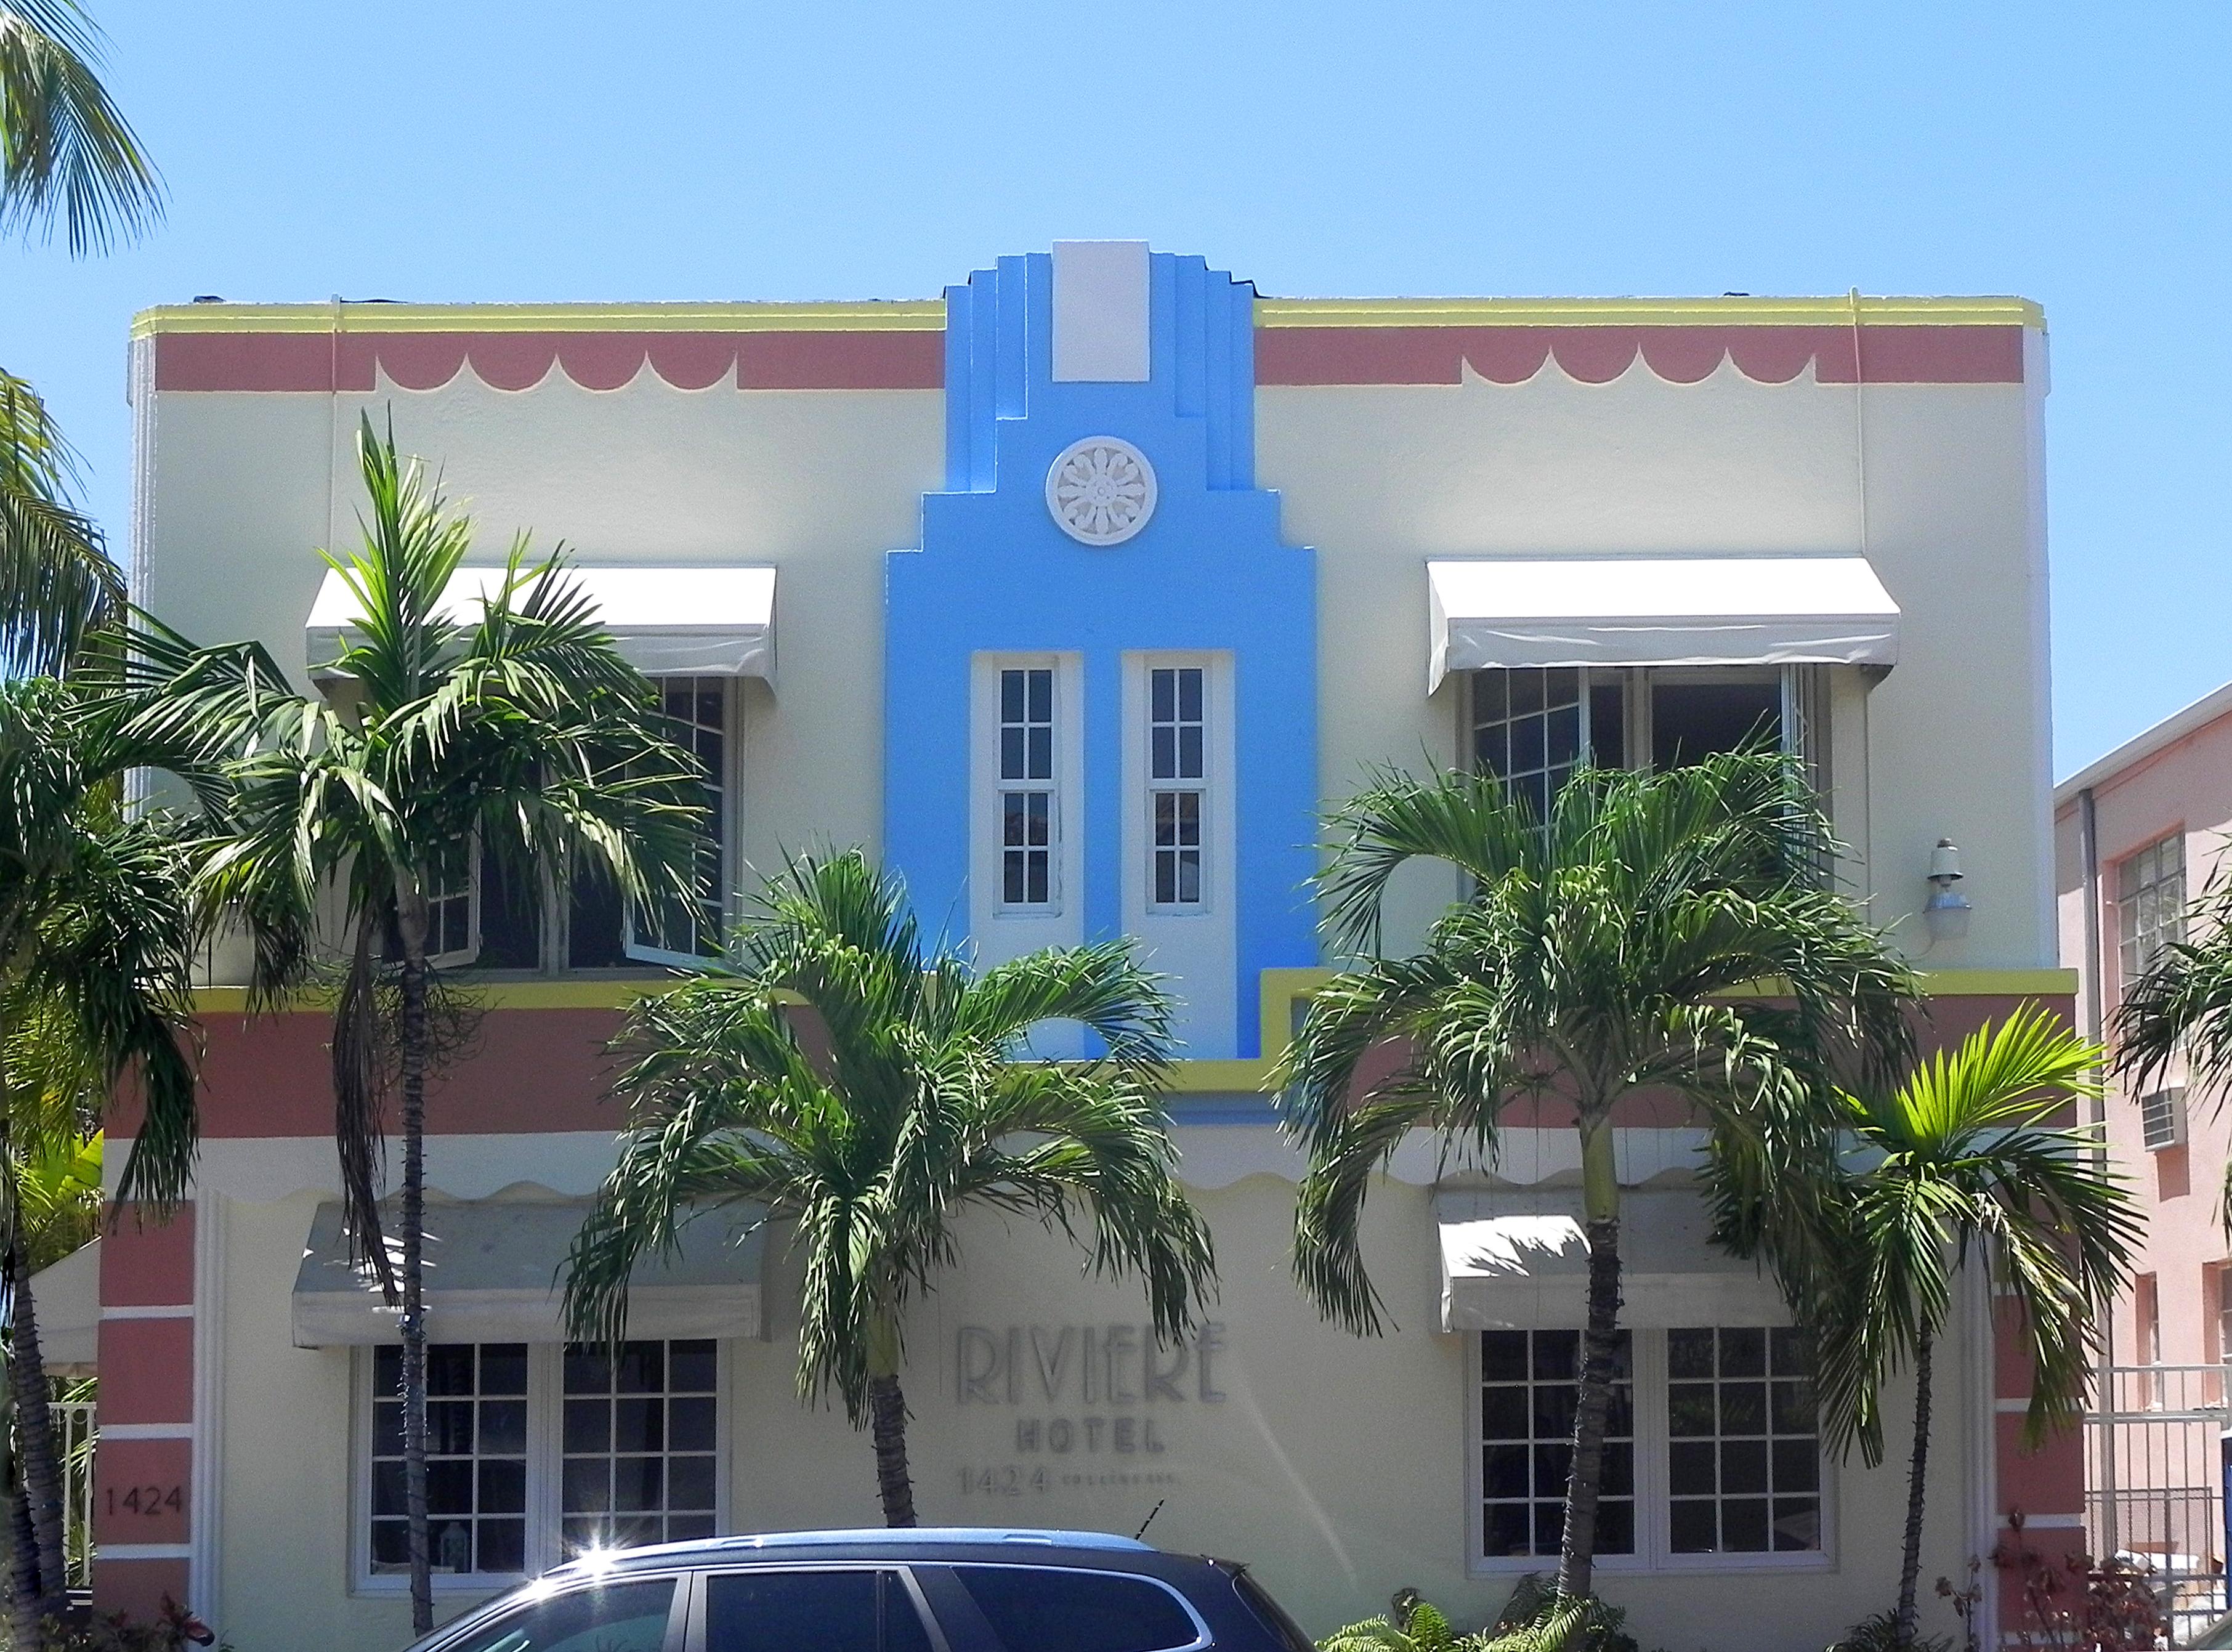 File Riviere Hotel Miami Jpg